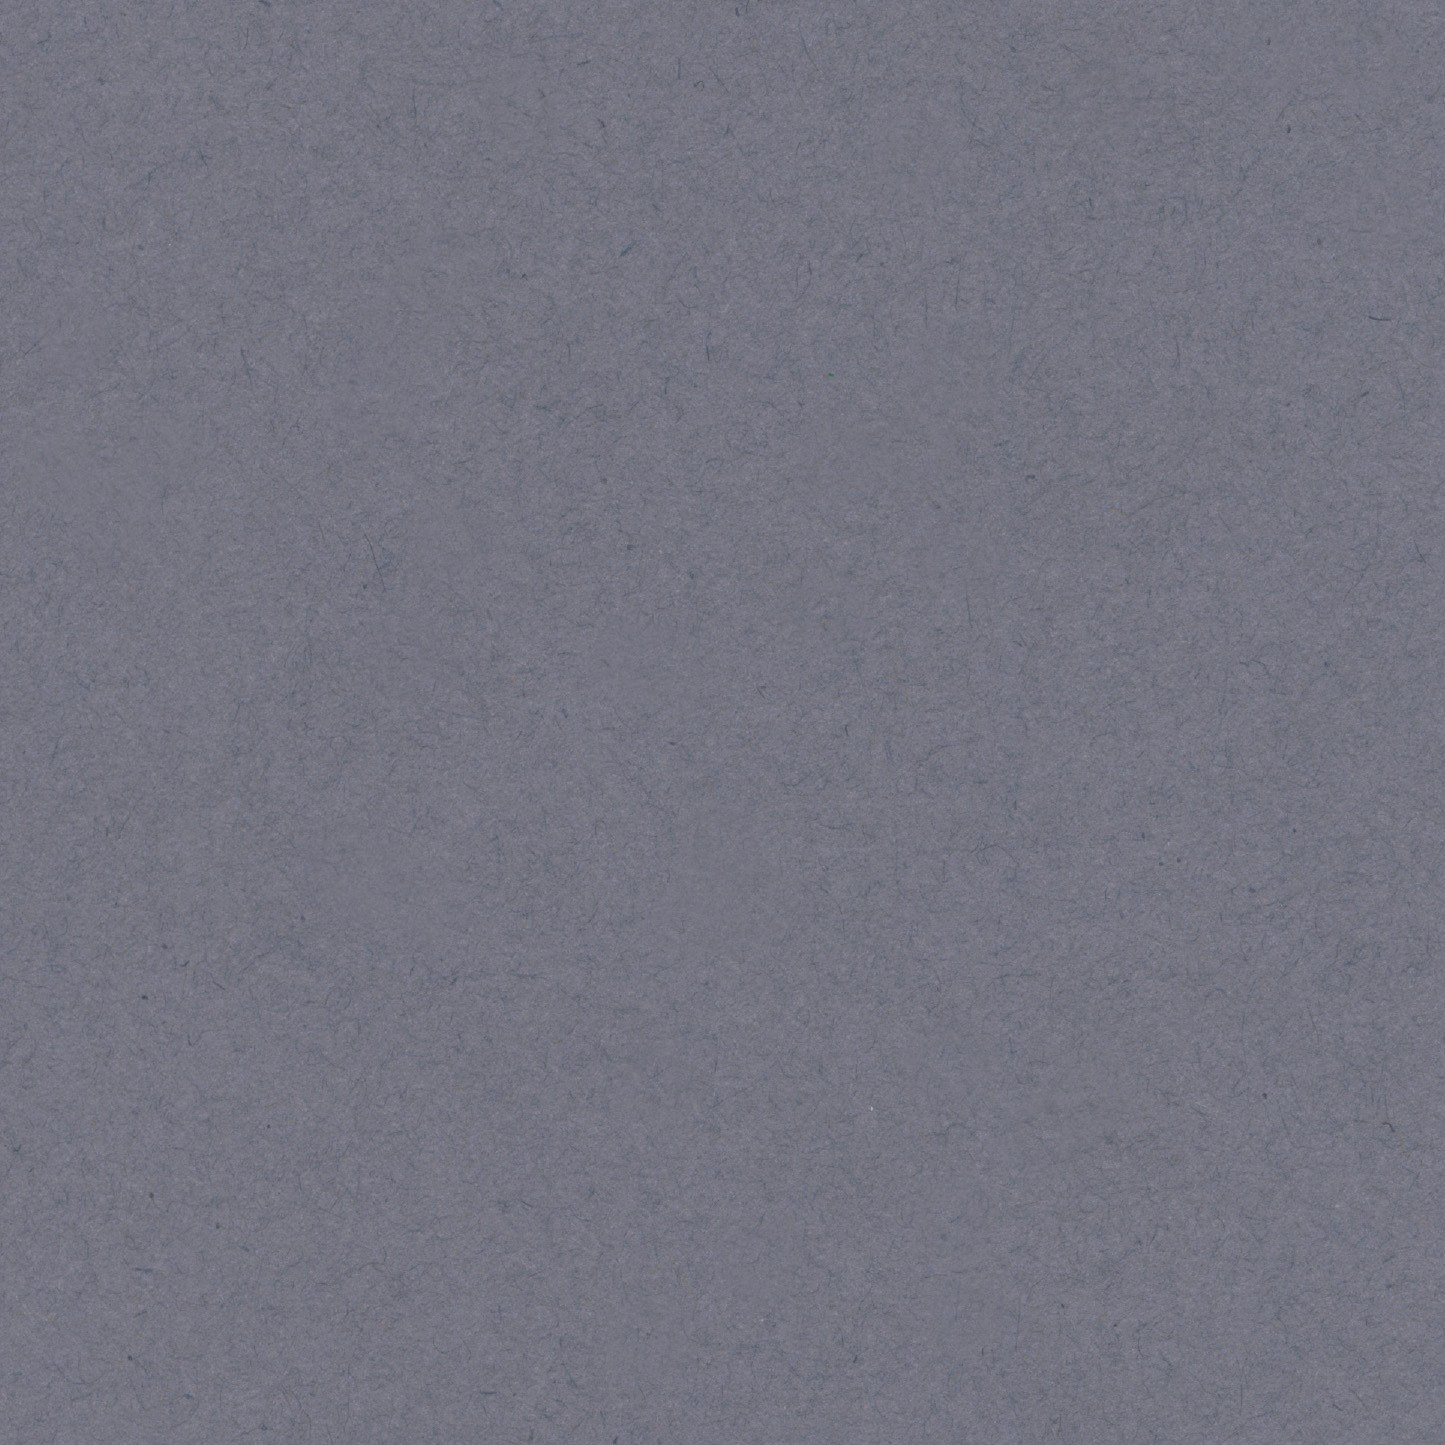 Grey - Gunmetal 135gsm